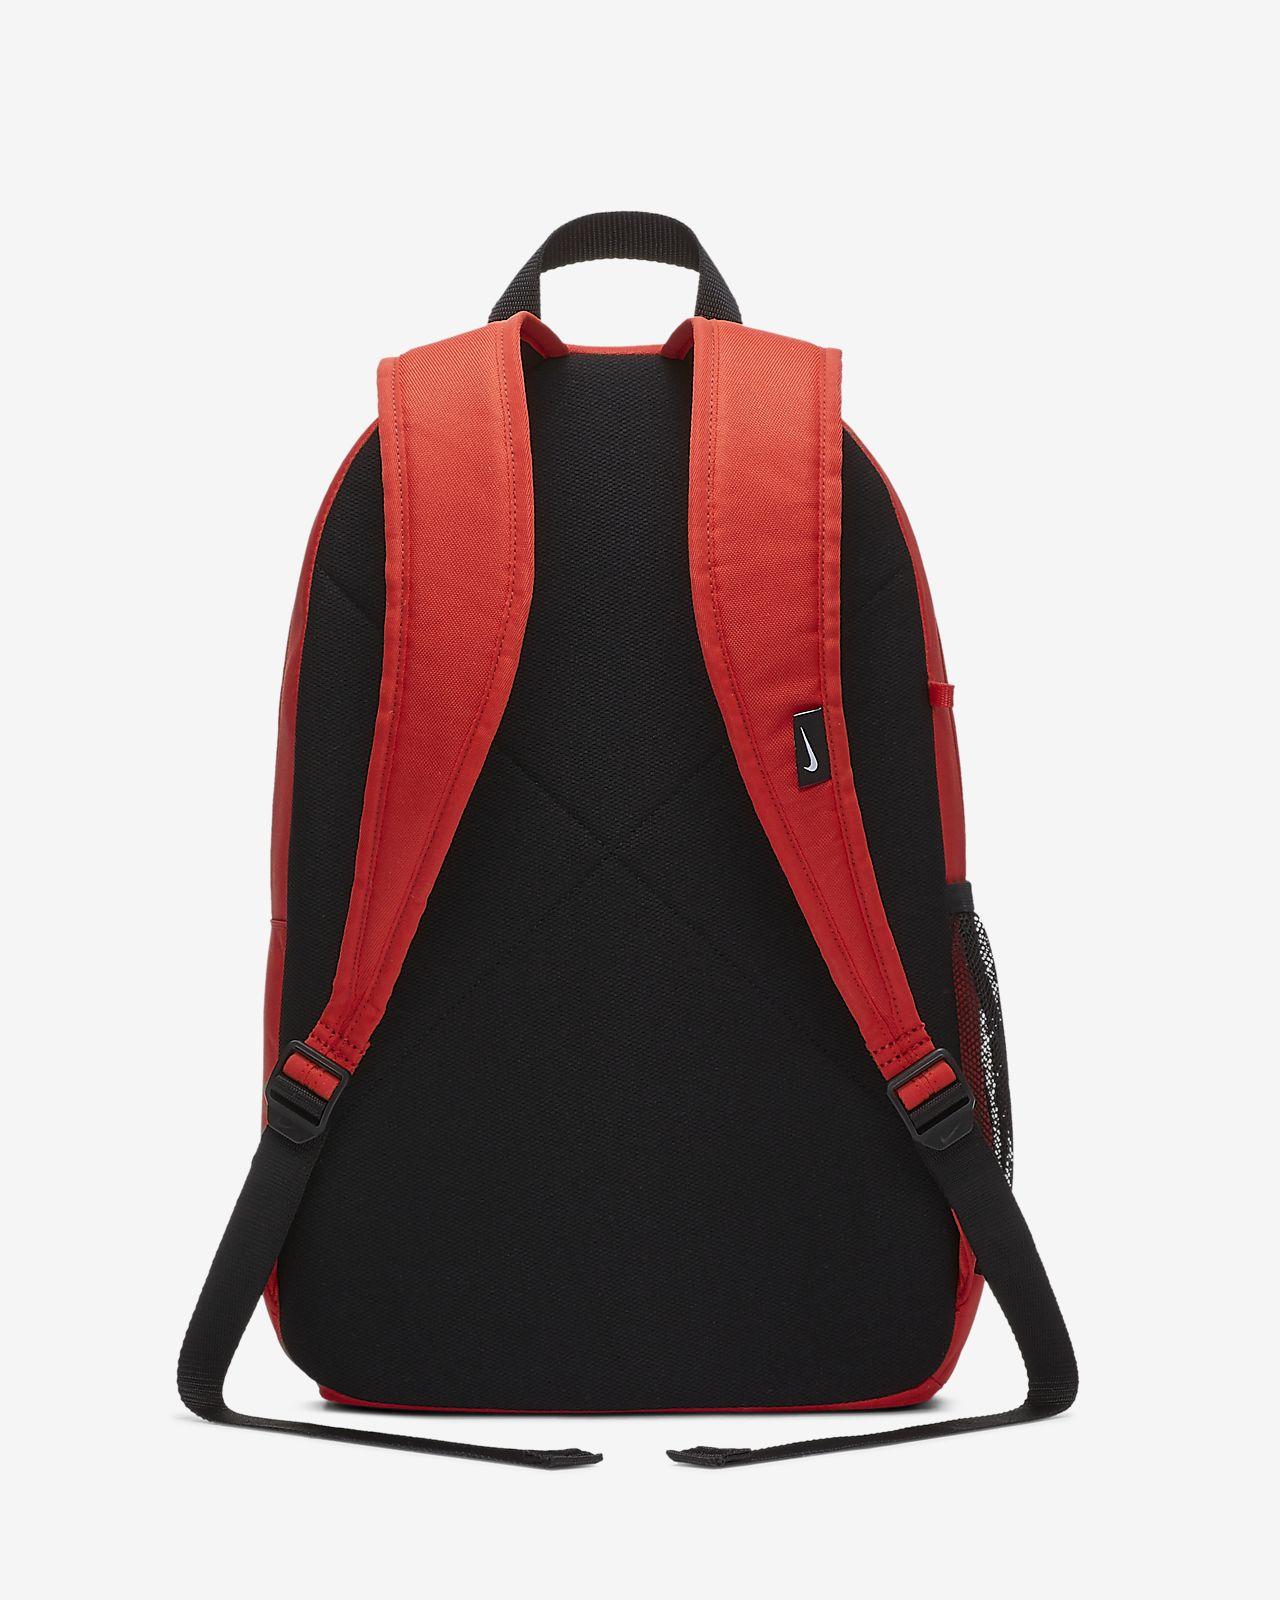 92beccecf61 Nike Elemental Kids' Backpack